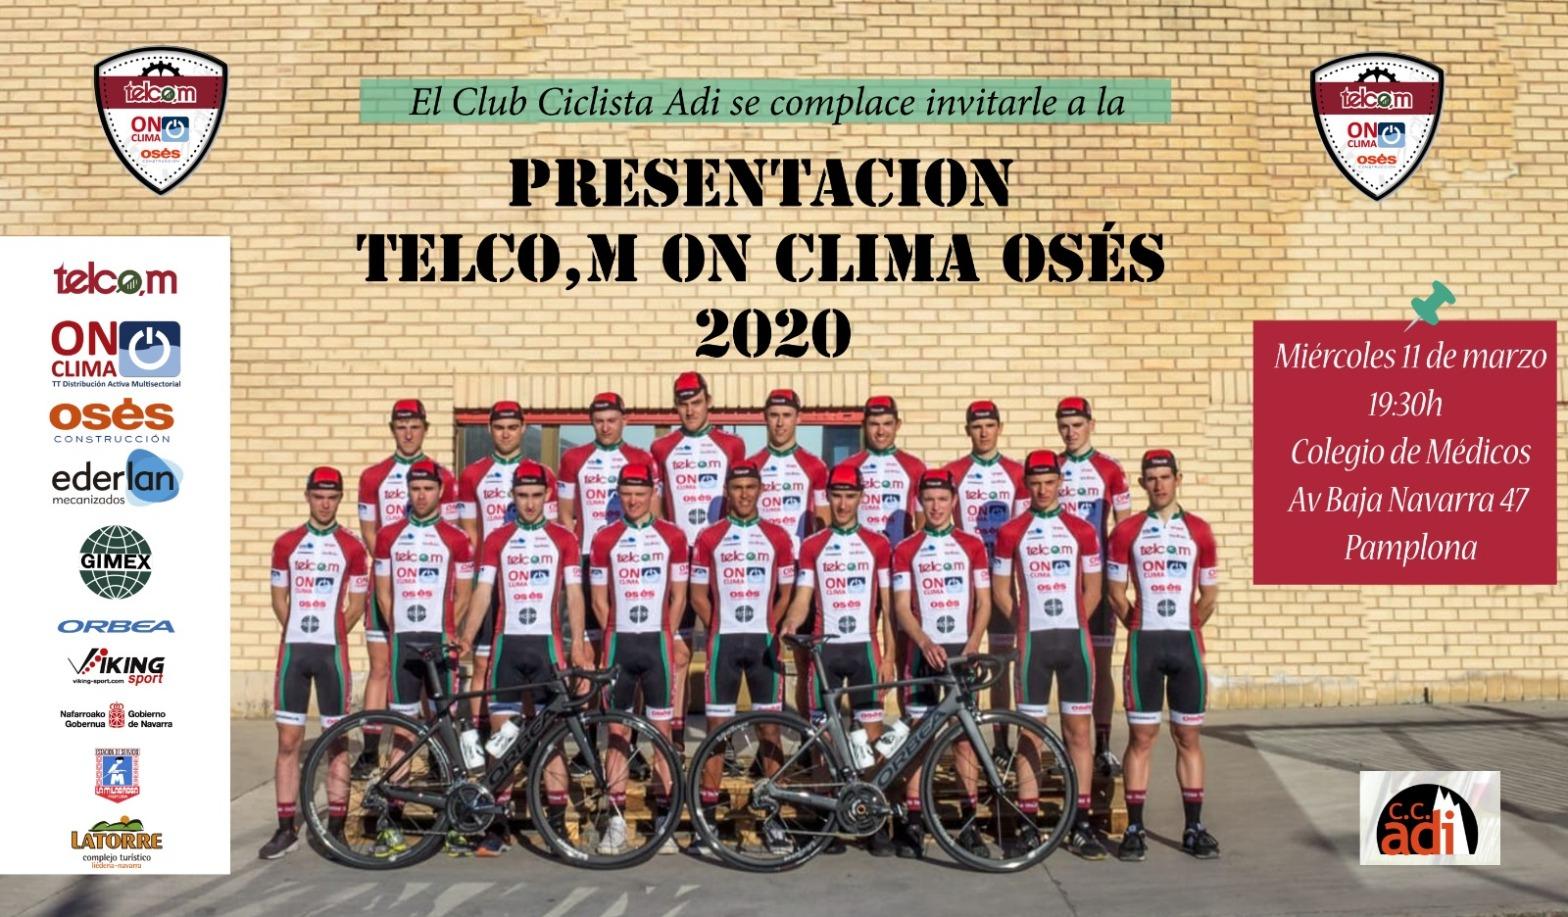 Cartel Presentación Telco,m On Clima Osés 2020